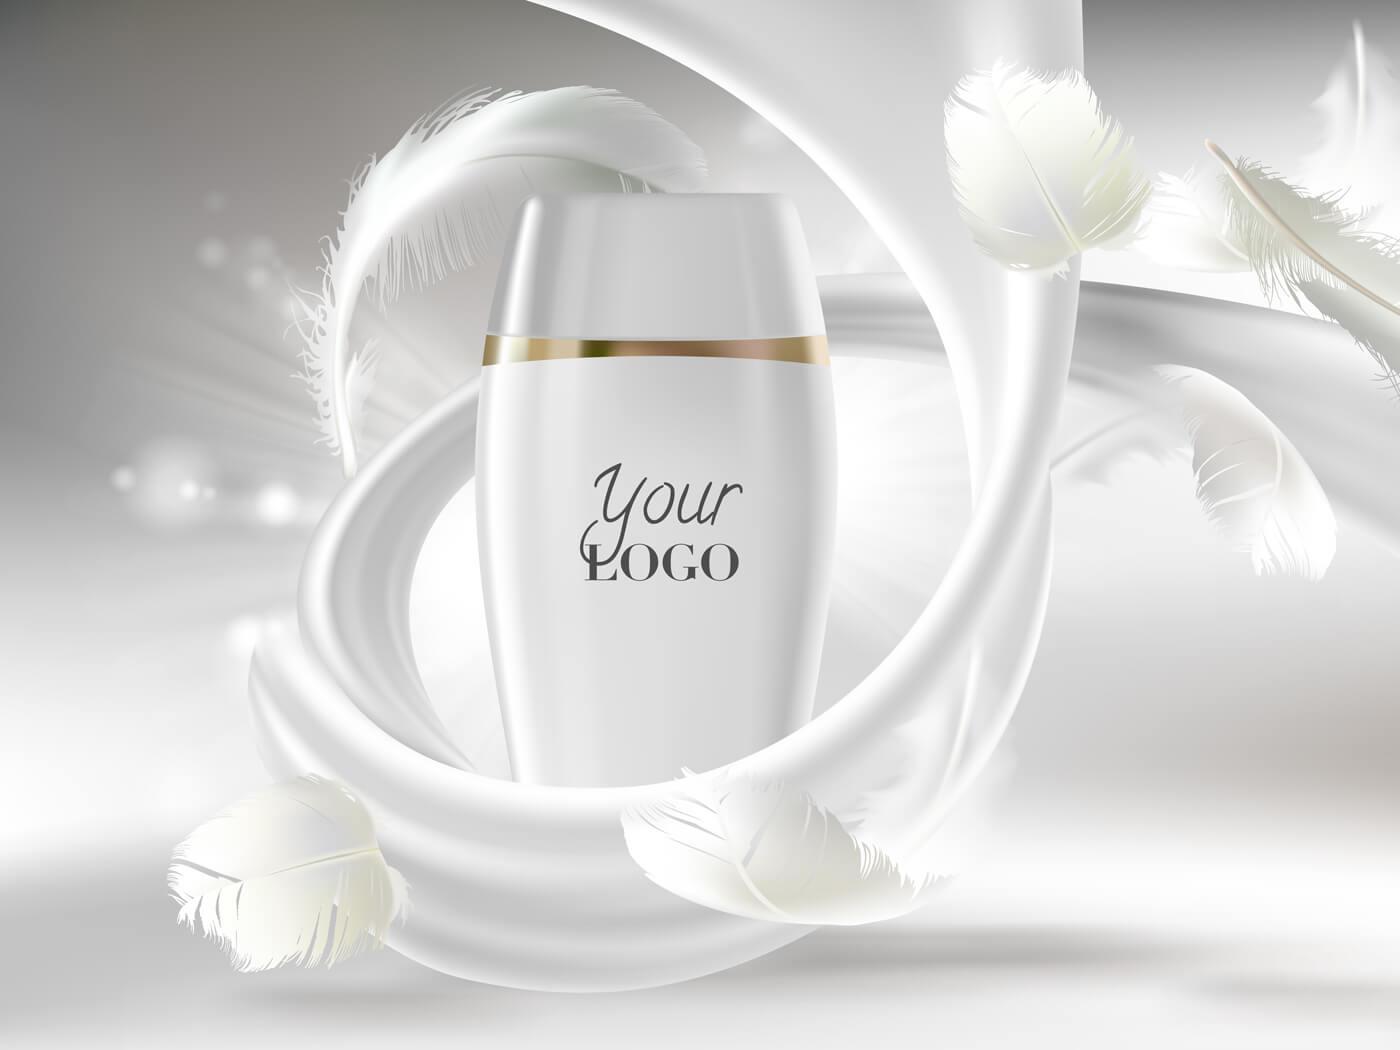 Fason Kozmetik Marka Tasarım